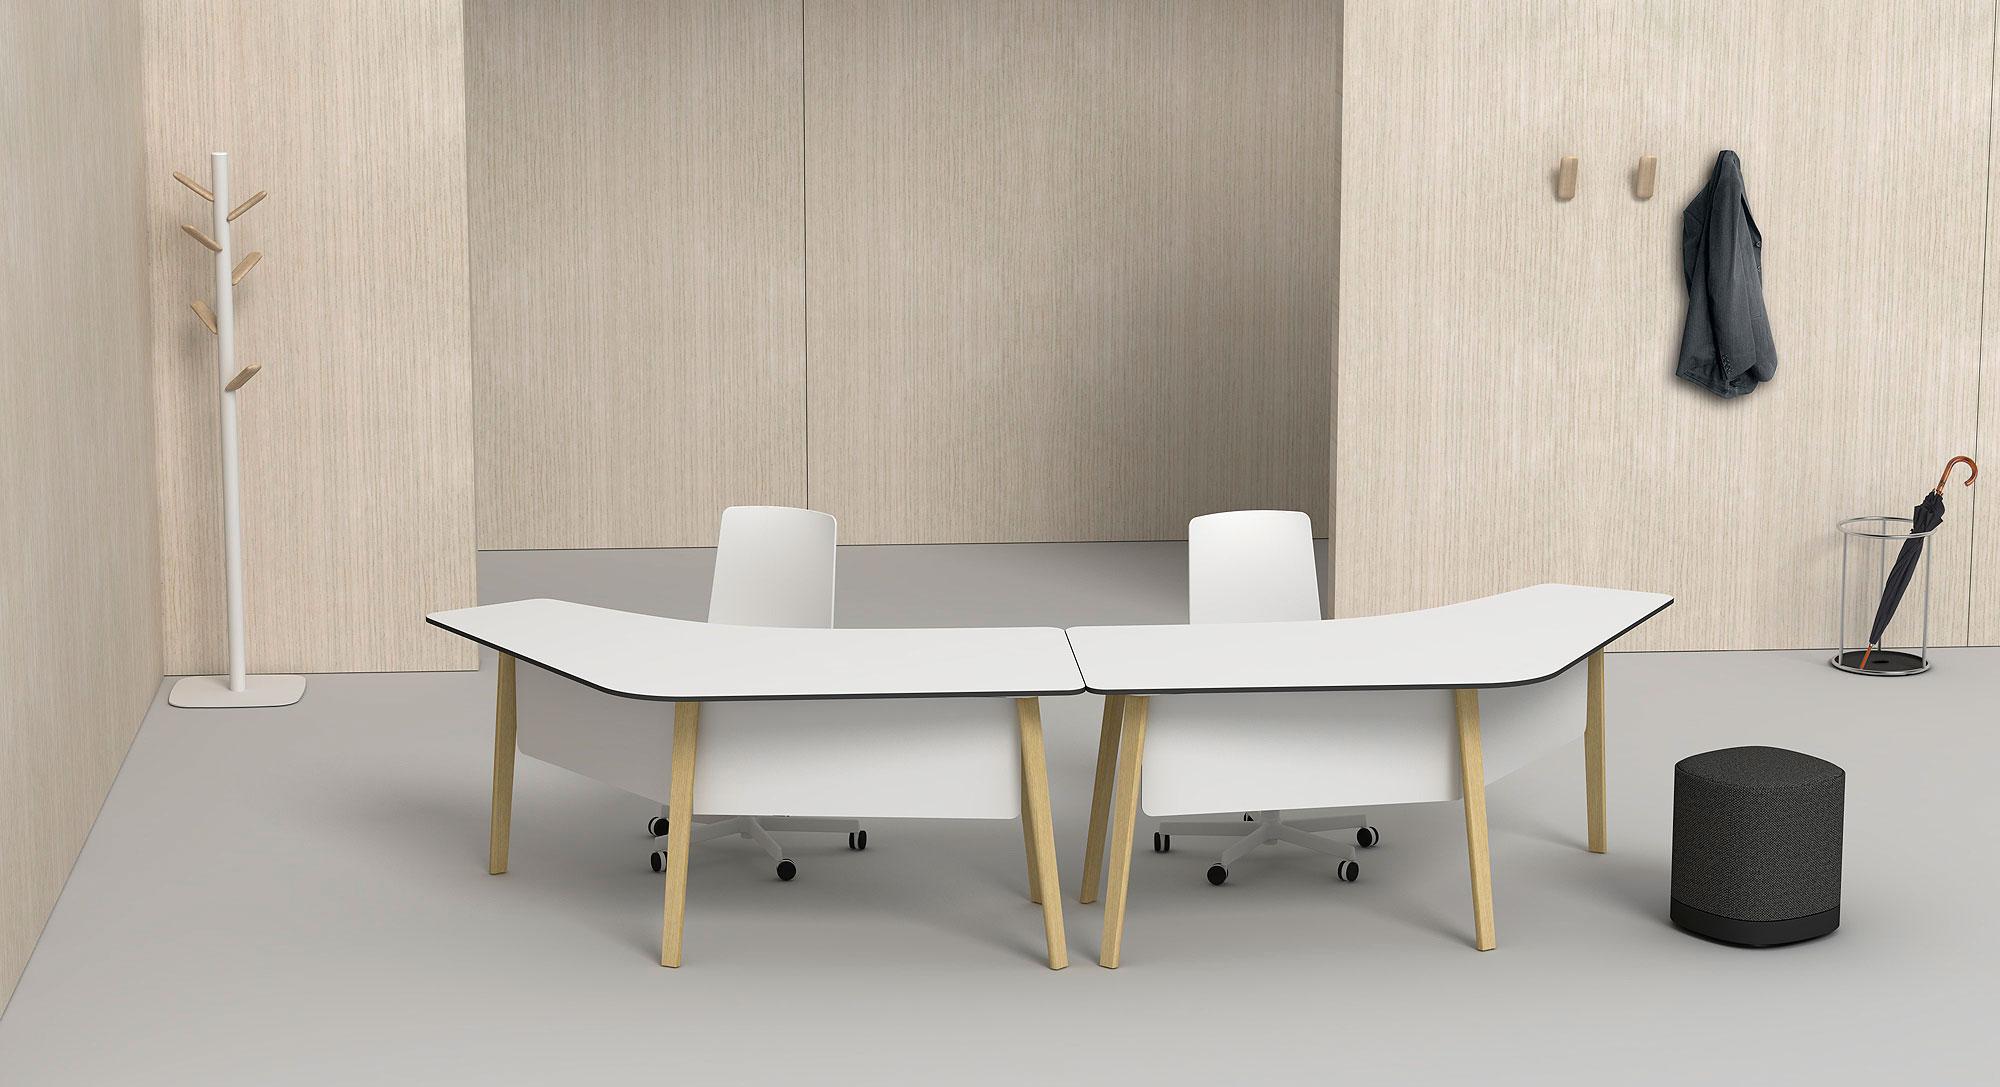 Altbath Presenta El Primer Kit De Ba O Modular # Muebles Modulares Lukar